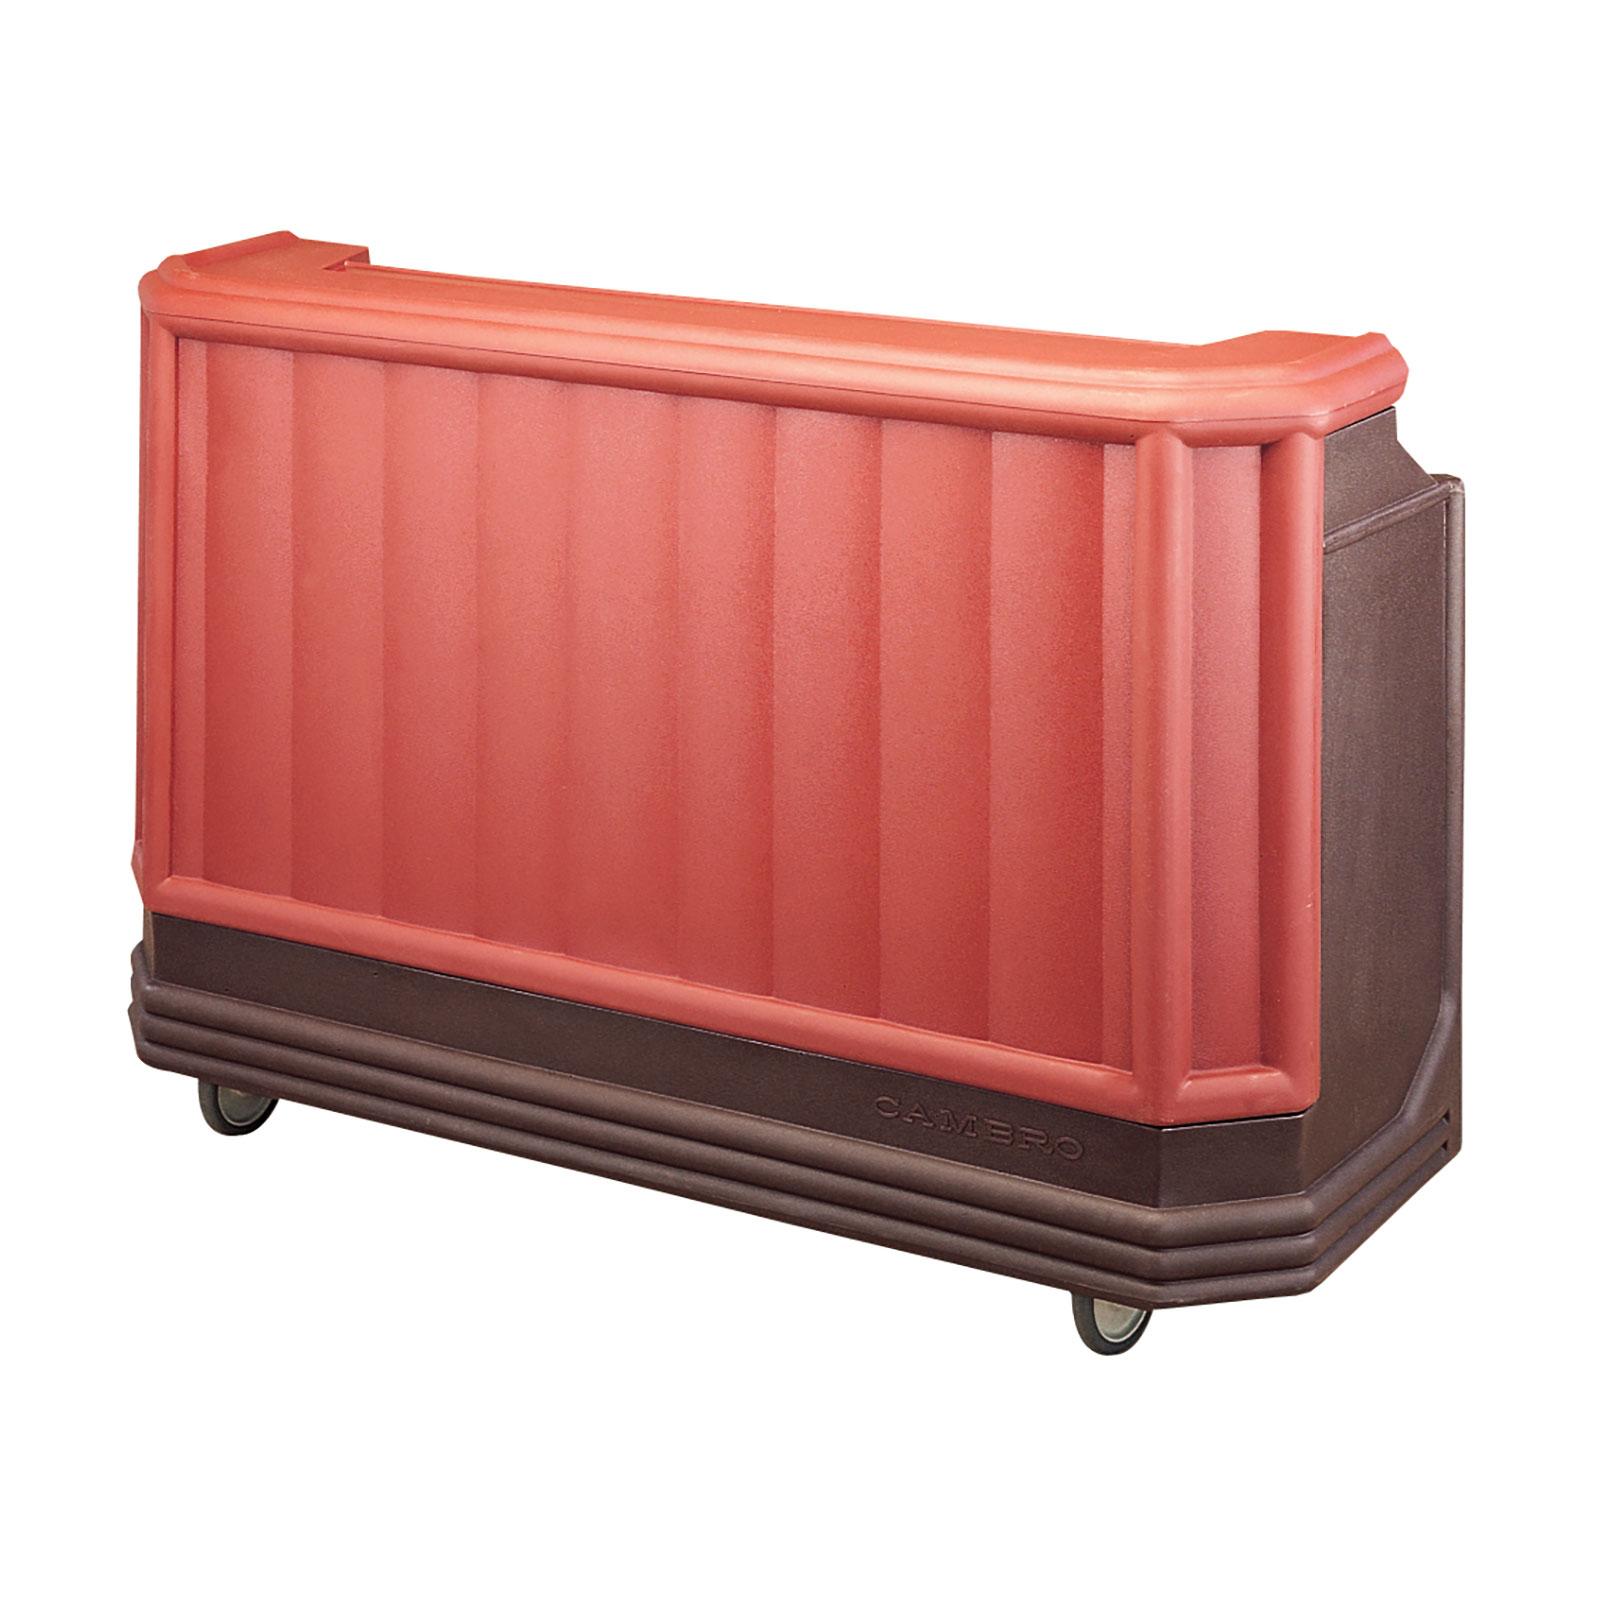 Cambro BAR730CP189 portable bars